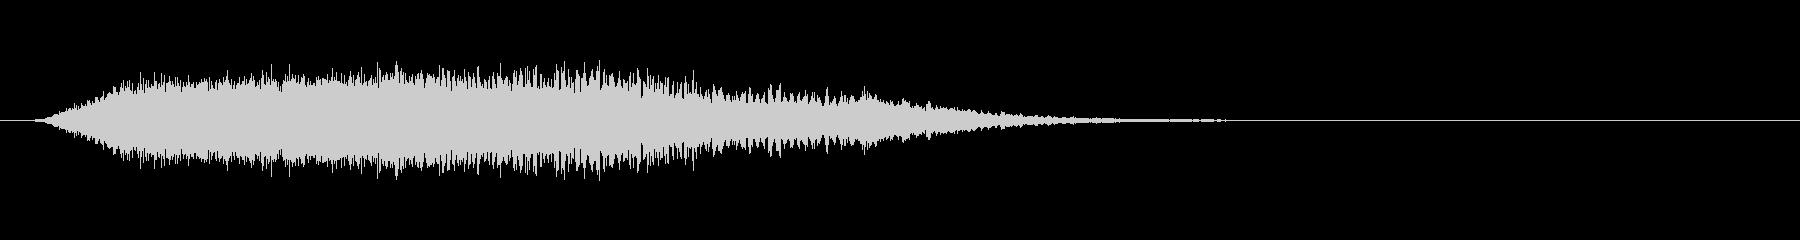 シャープな怖いメロディックロゴの未再生の波形